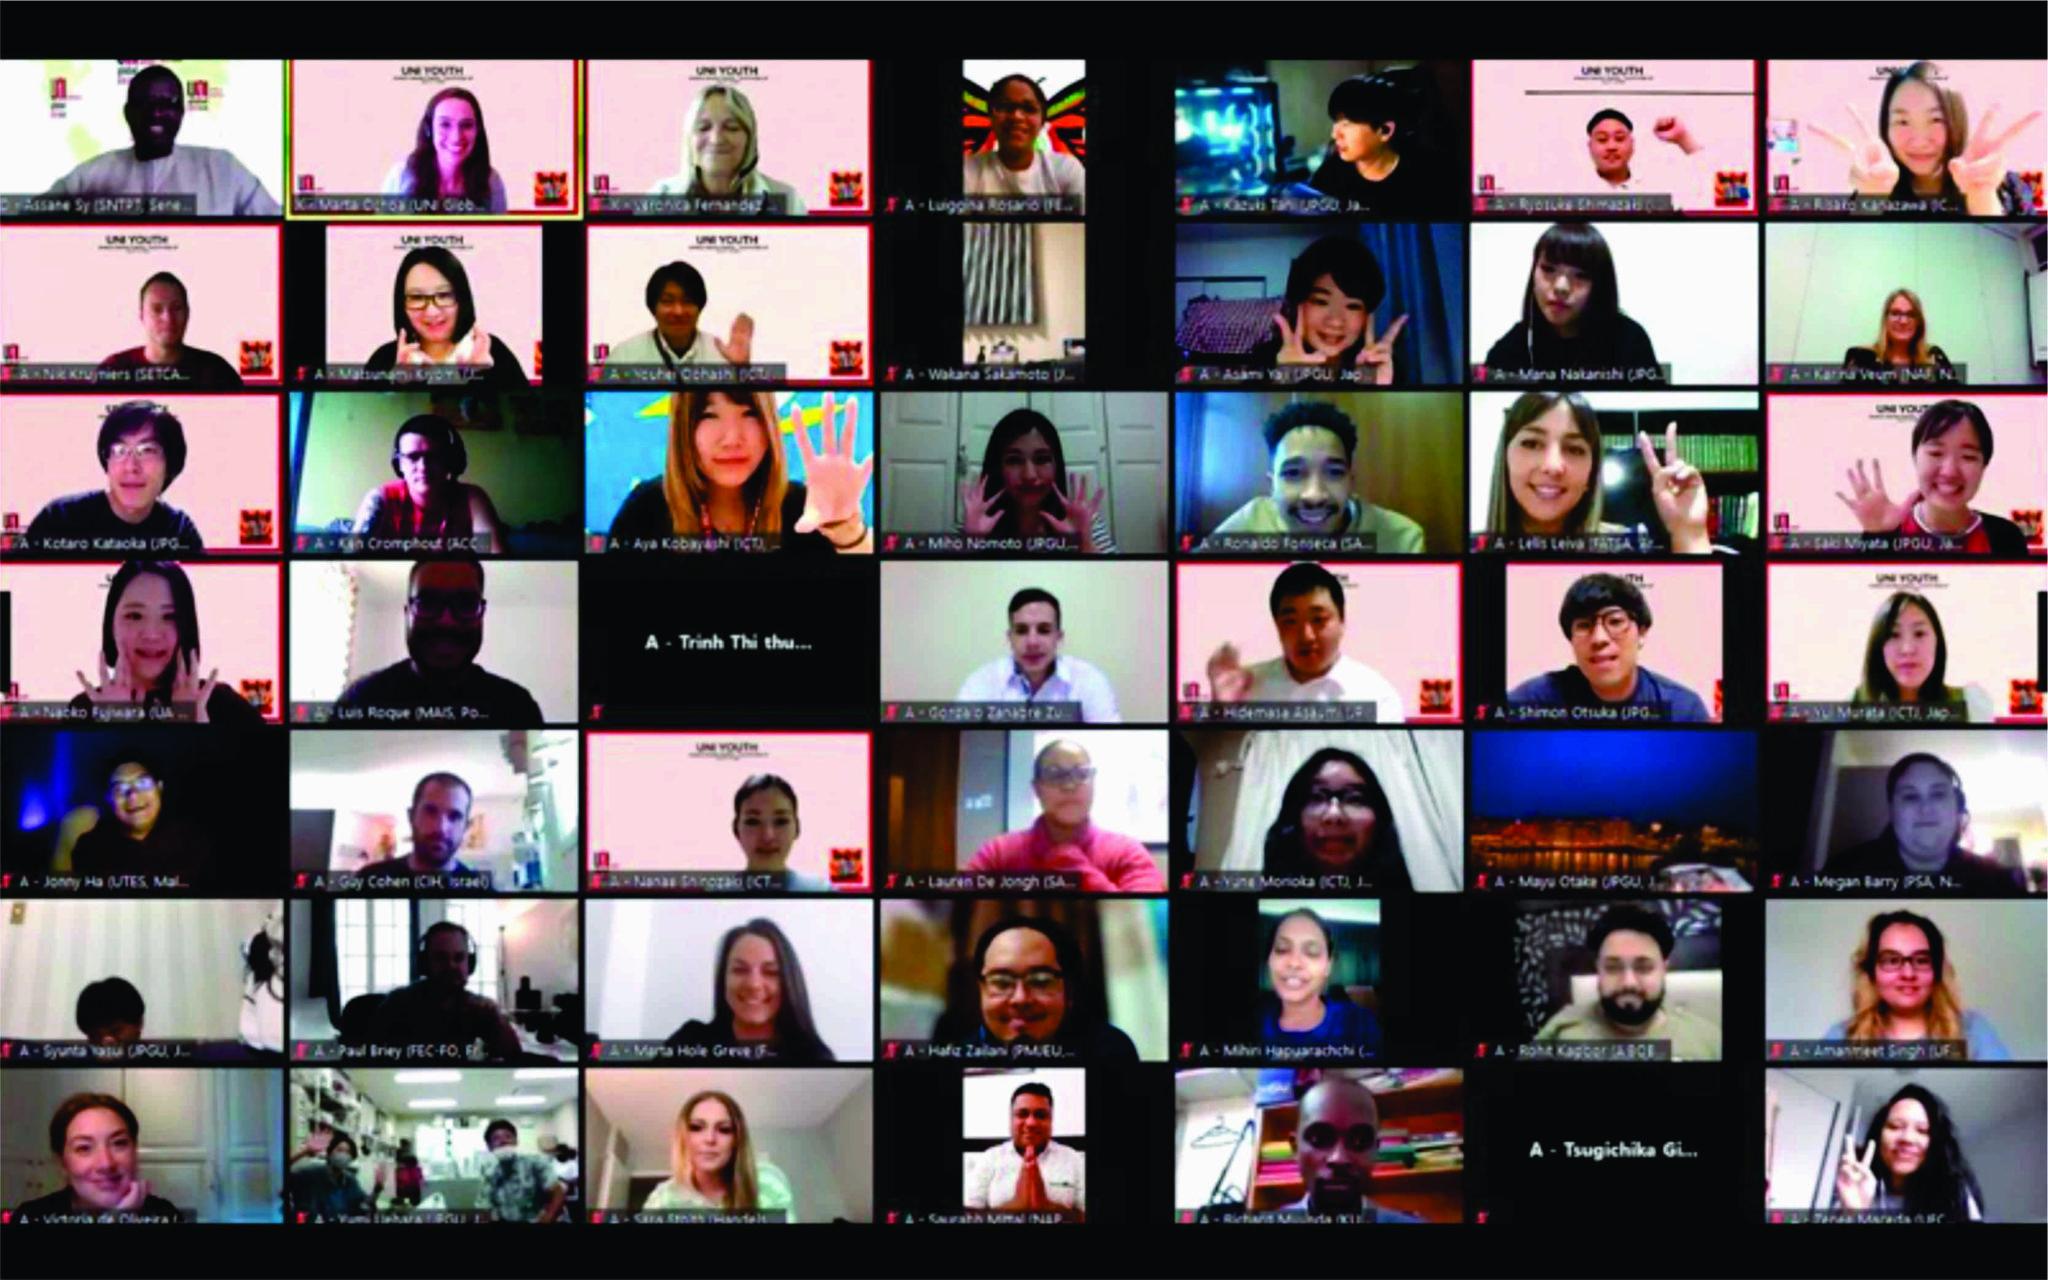 Fórum Mundial debate desafios e caminhos para a juventude trabalhadora